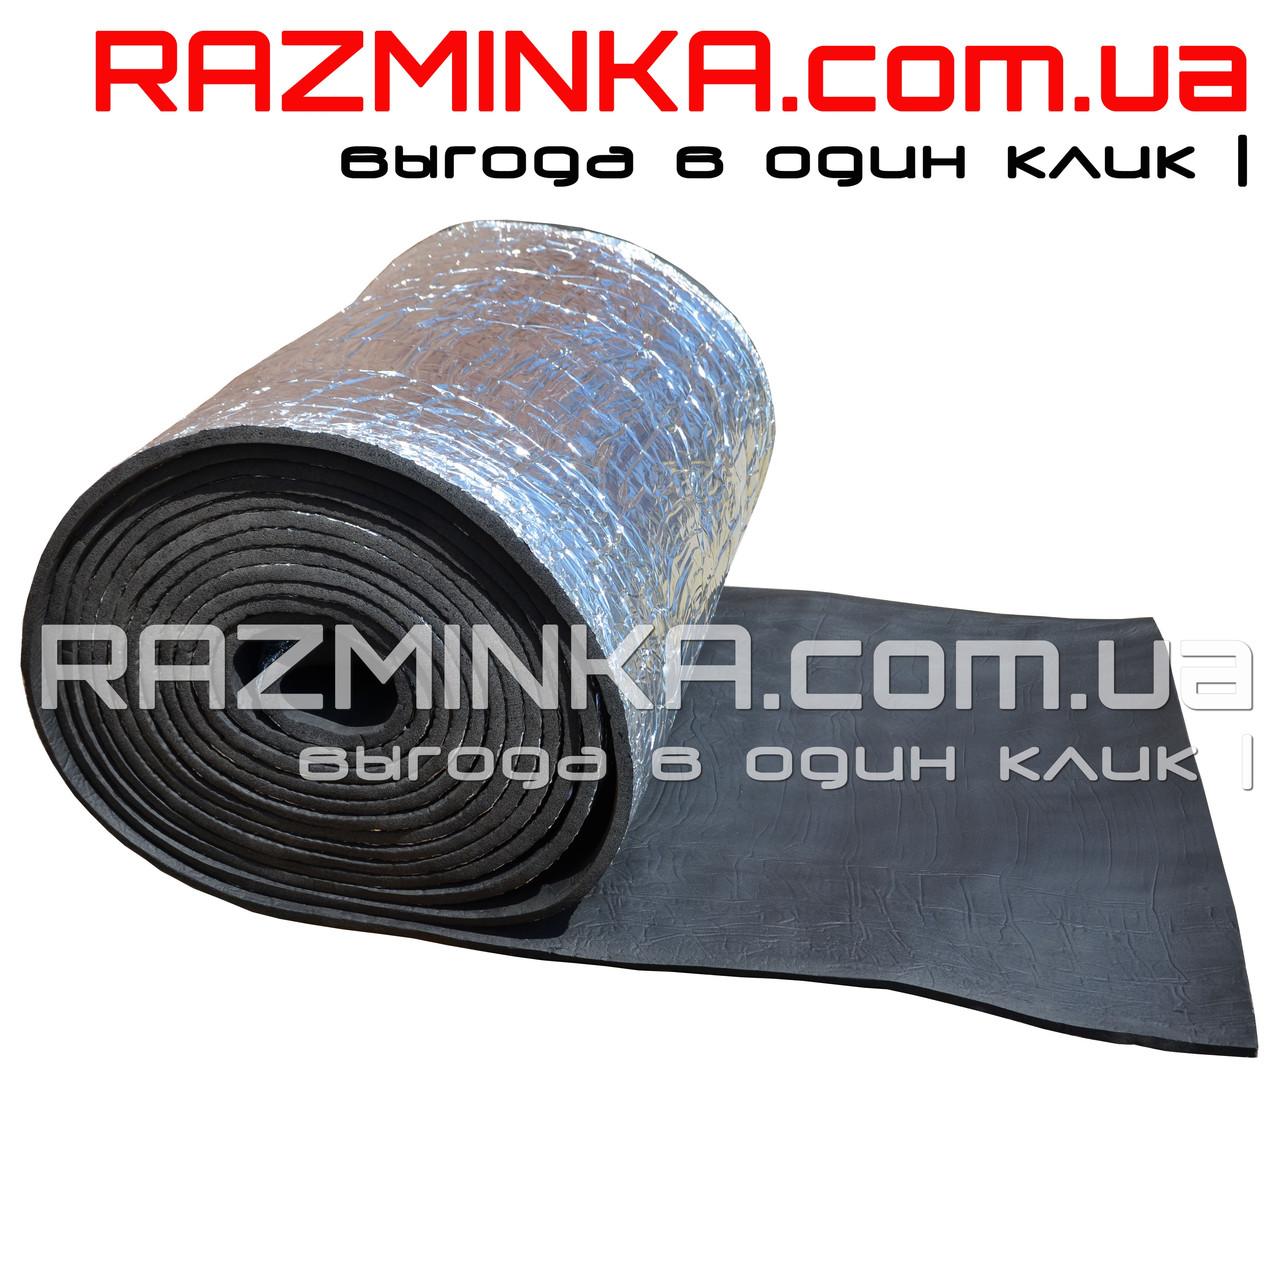 Вспененный каучук фольгированный 6мм